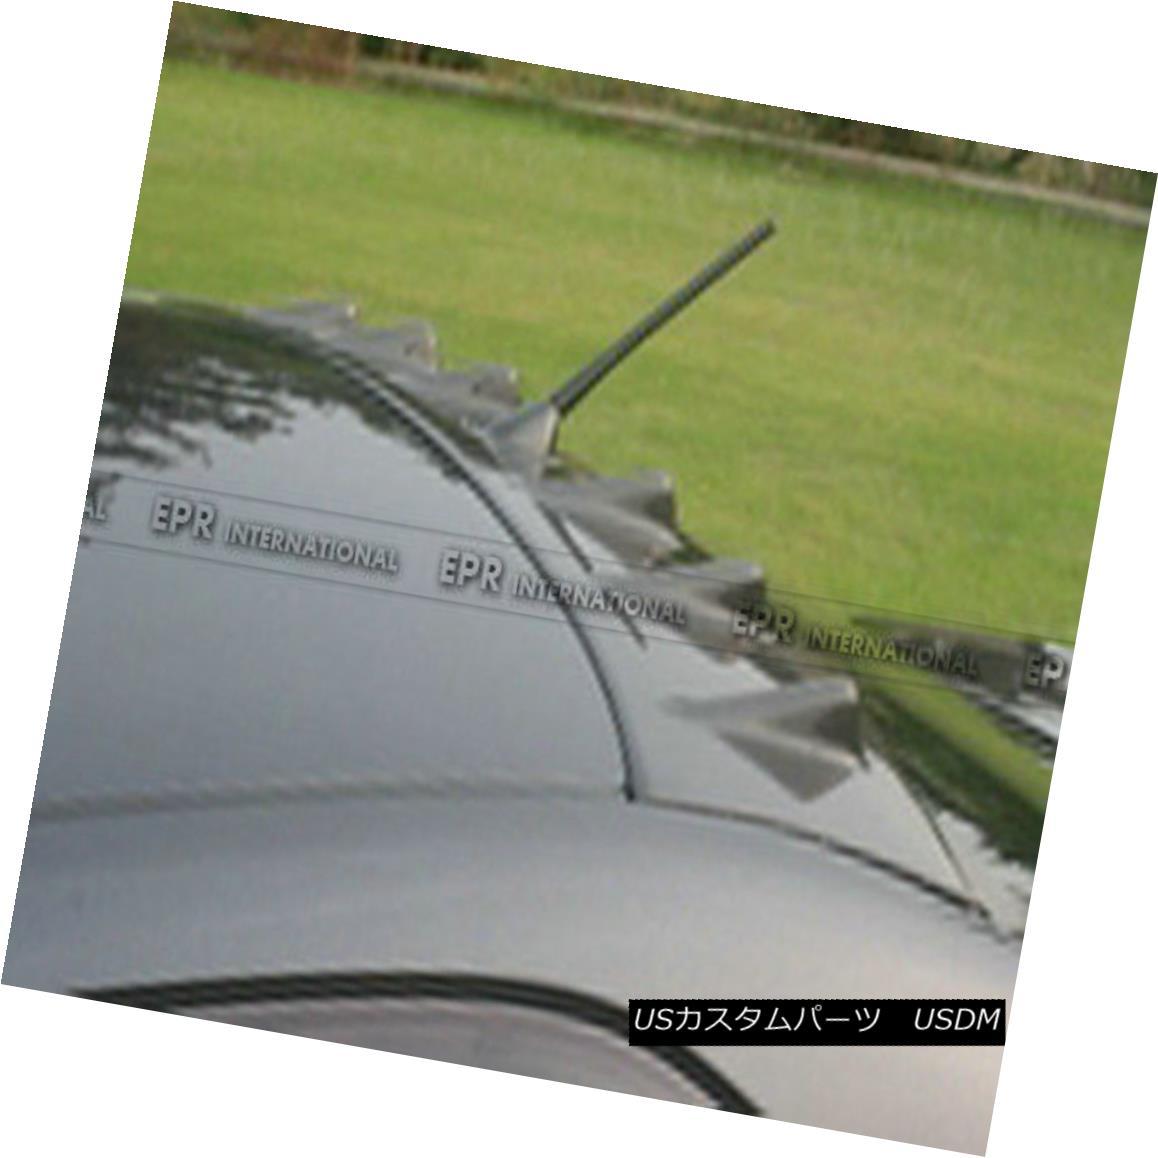 エアロパーツ AER Rear Roof Window Spoiler Wing Lip For LEXUS IS200 VTX Styling Generator Pop LERUS IS200 VTXスタイリングジェネレーターポップ用AERリアルーフウィンドウスポイラーウイングリップ